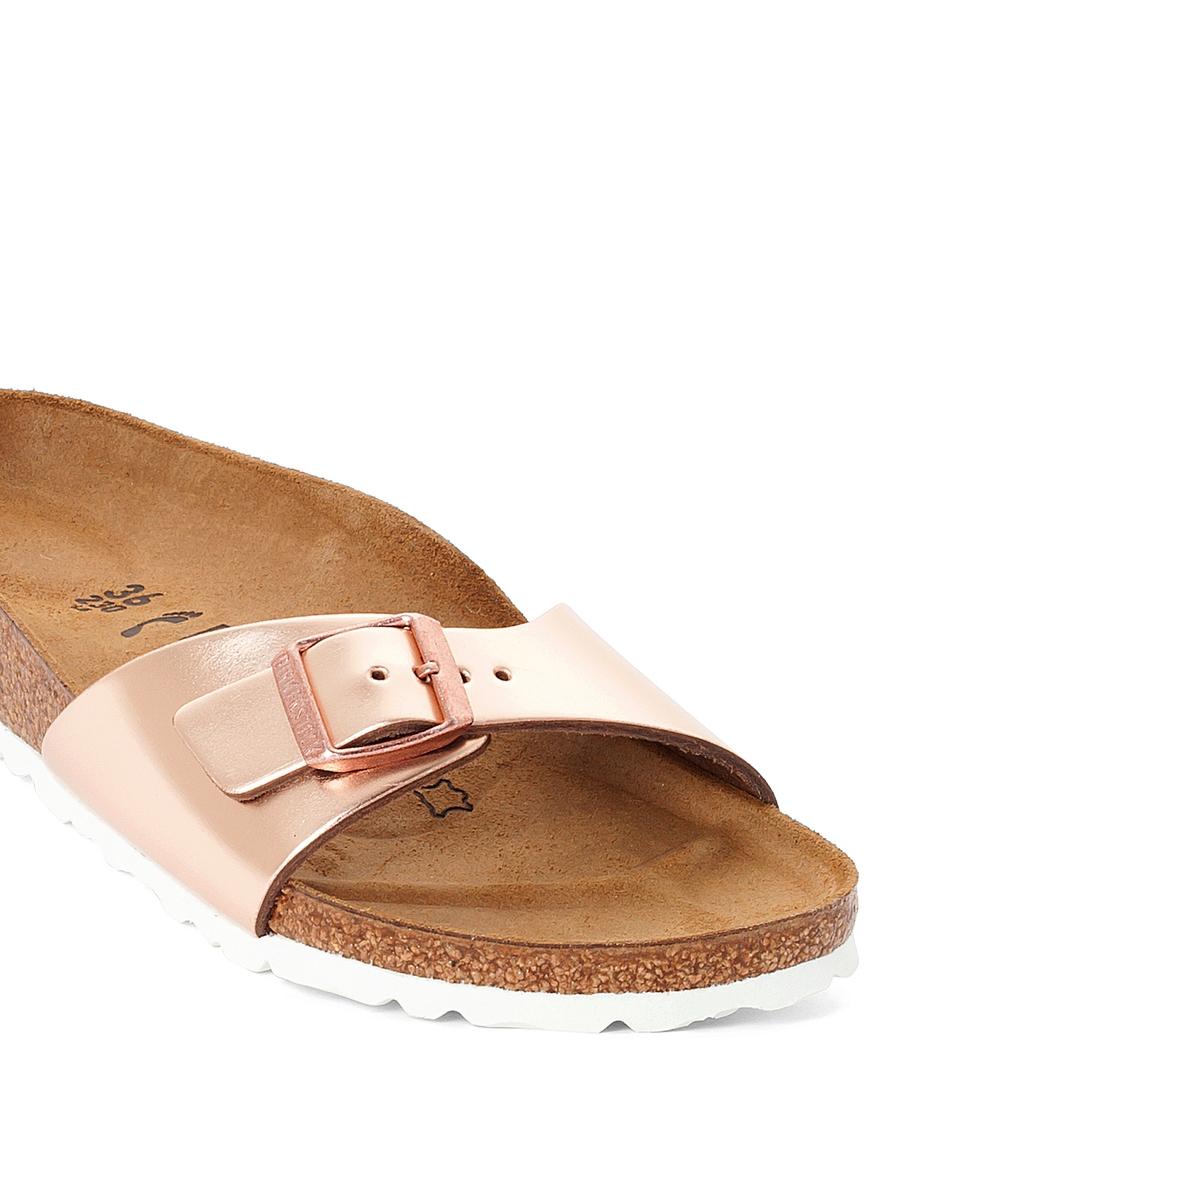 Туфли без задника синтетическиеДетали   •  Вьетнамки •  Застежка : без застежки •  Открытый мысокСостав и уход   •  Верх 100% синтетический материал •  Подкладка 100% текстиль •  Стелька 100% кожа •  Подошва 100% ЭВА<br><br>Цвет: розовый/золотистый<br>Размер: 37